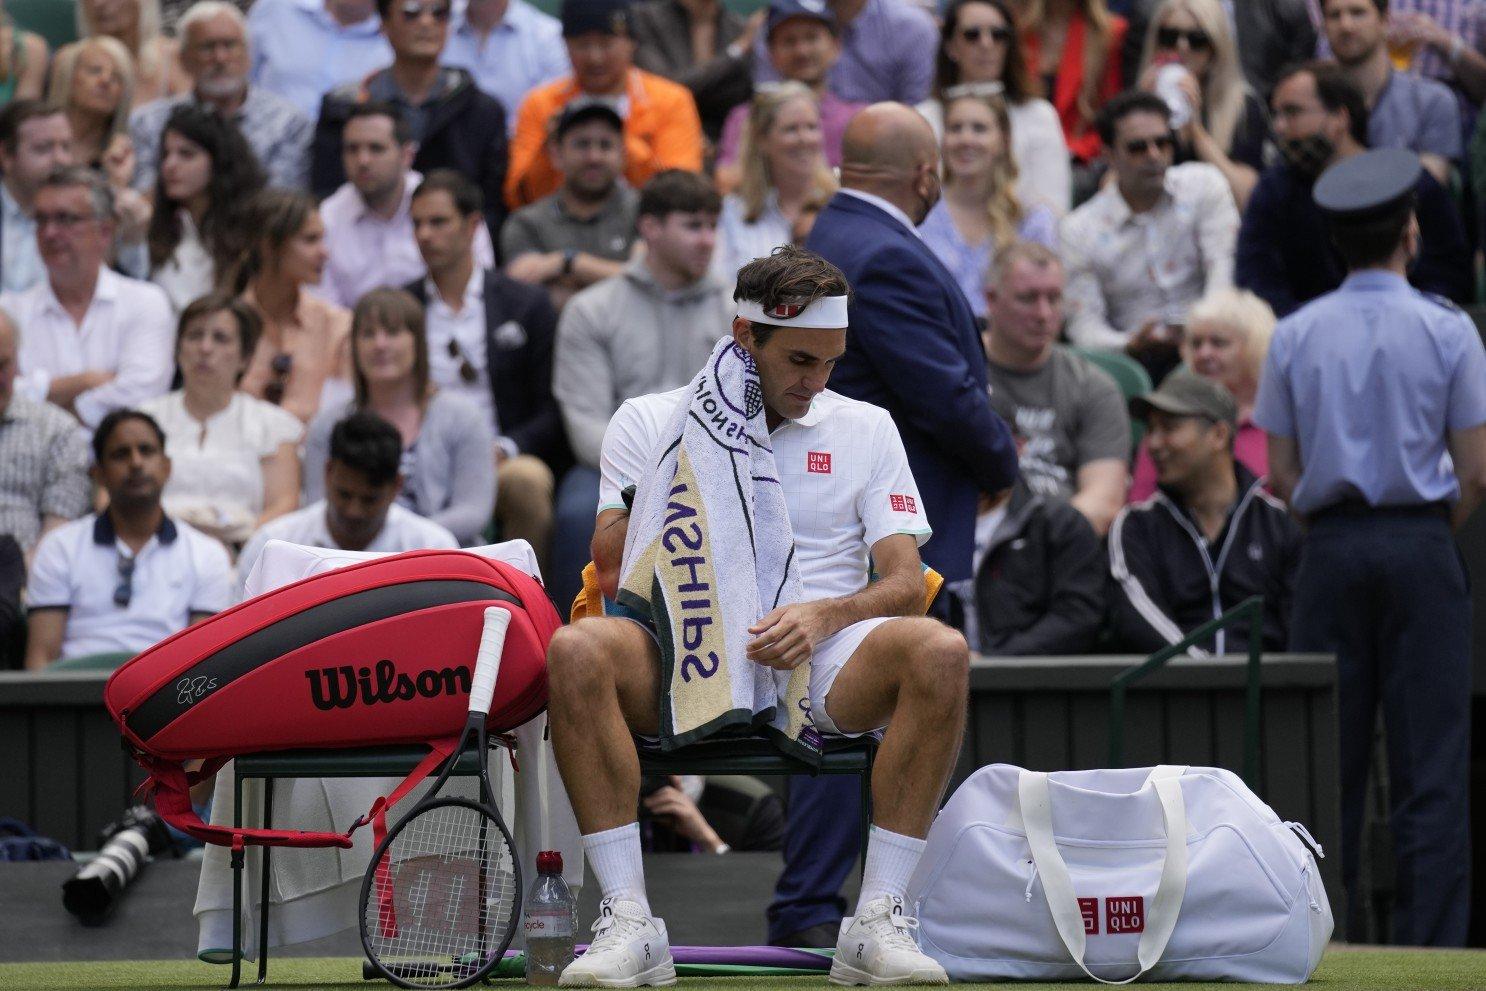 Peluang Wimbledon Federer Hurkacz